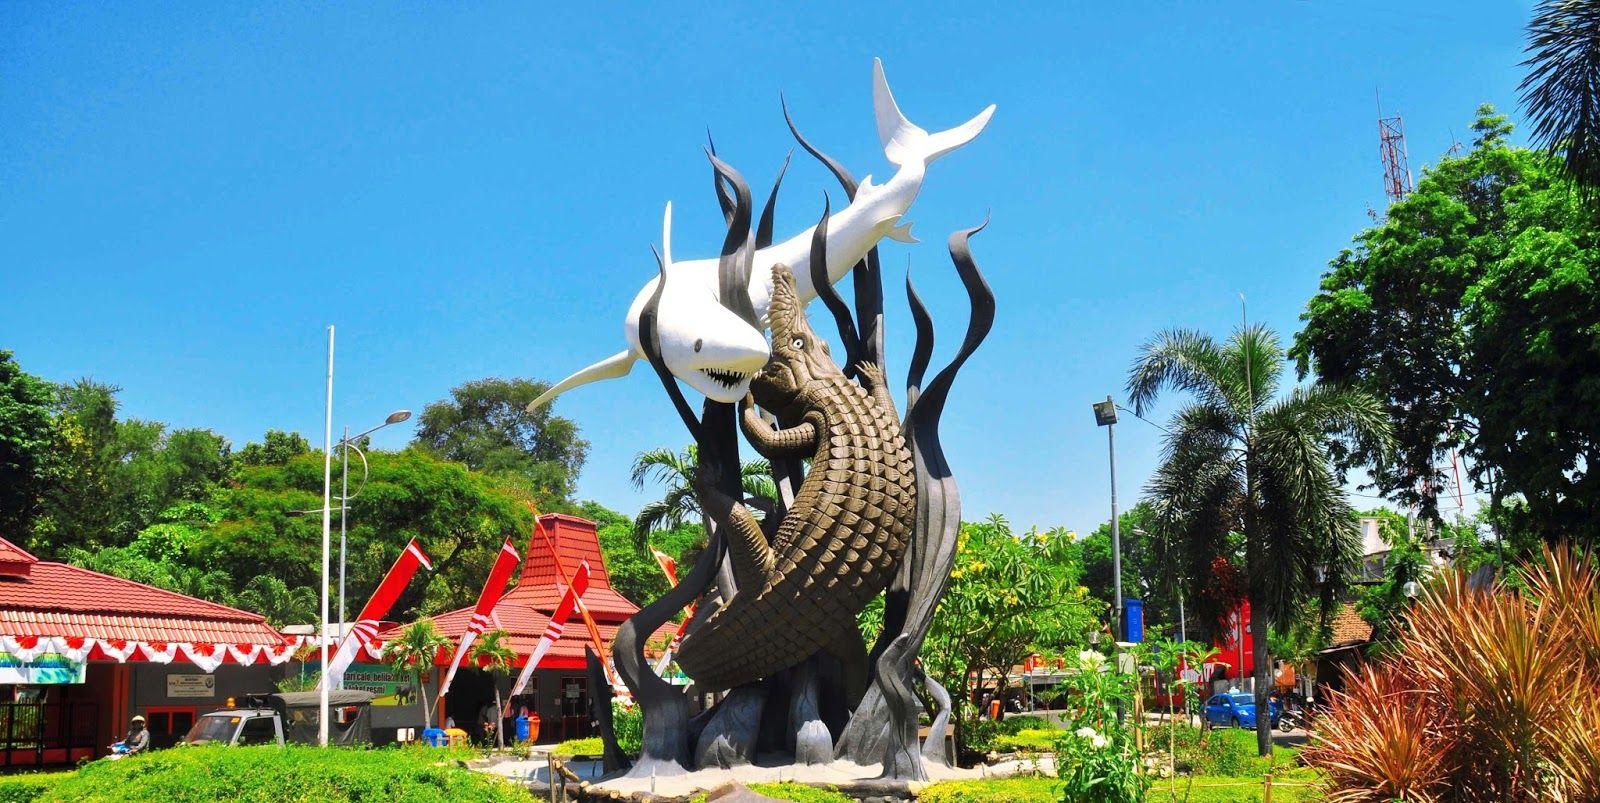 Inilah Tempat Wisata Di Surabaya Paling Terkenal Wisata